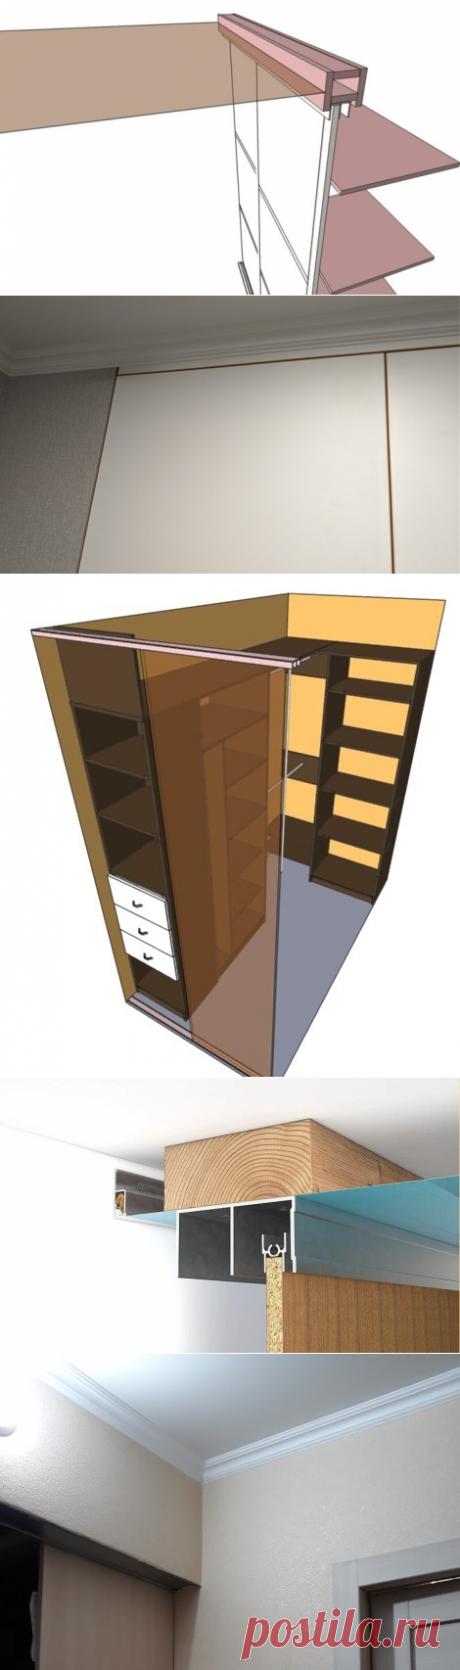 Что раньше устанавливать - шкаф-купе или натяжной потолок? | Мебель своими руками | Яндекс Дзен